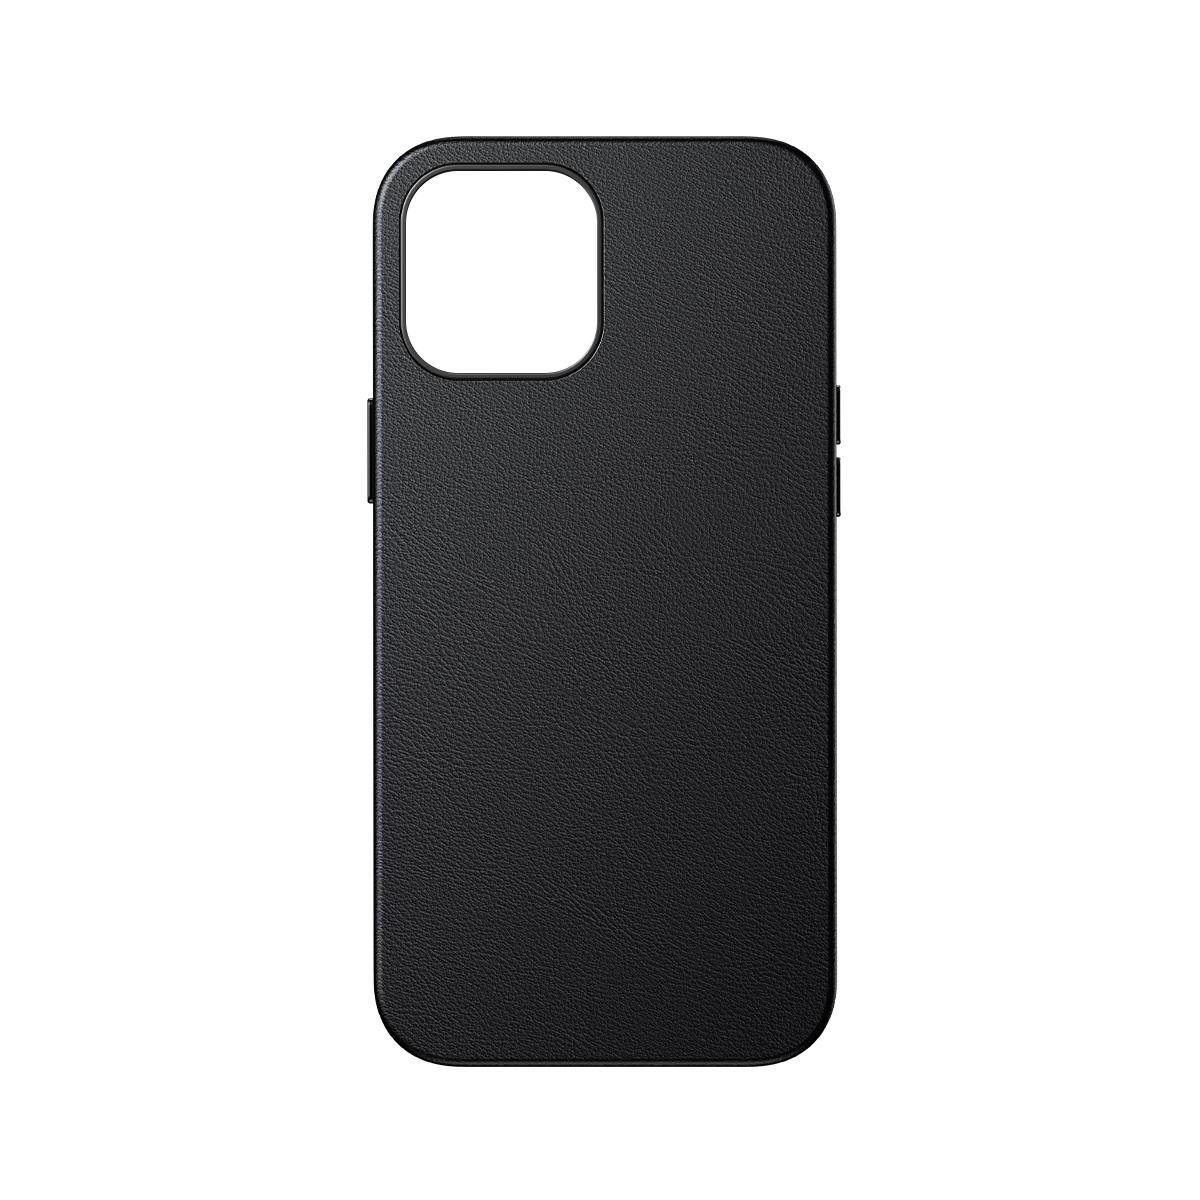 Baseus magnetisk läderskal till iPhone 12 Mini, svart